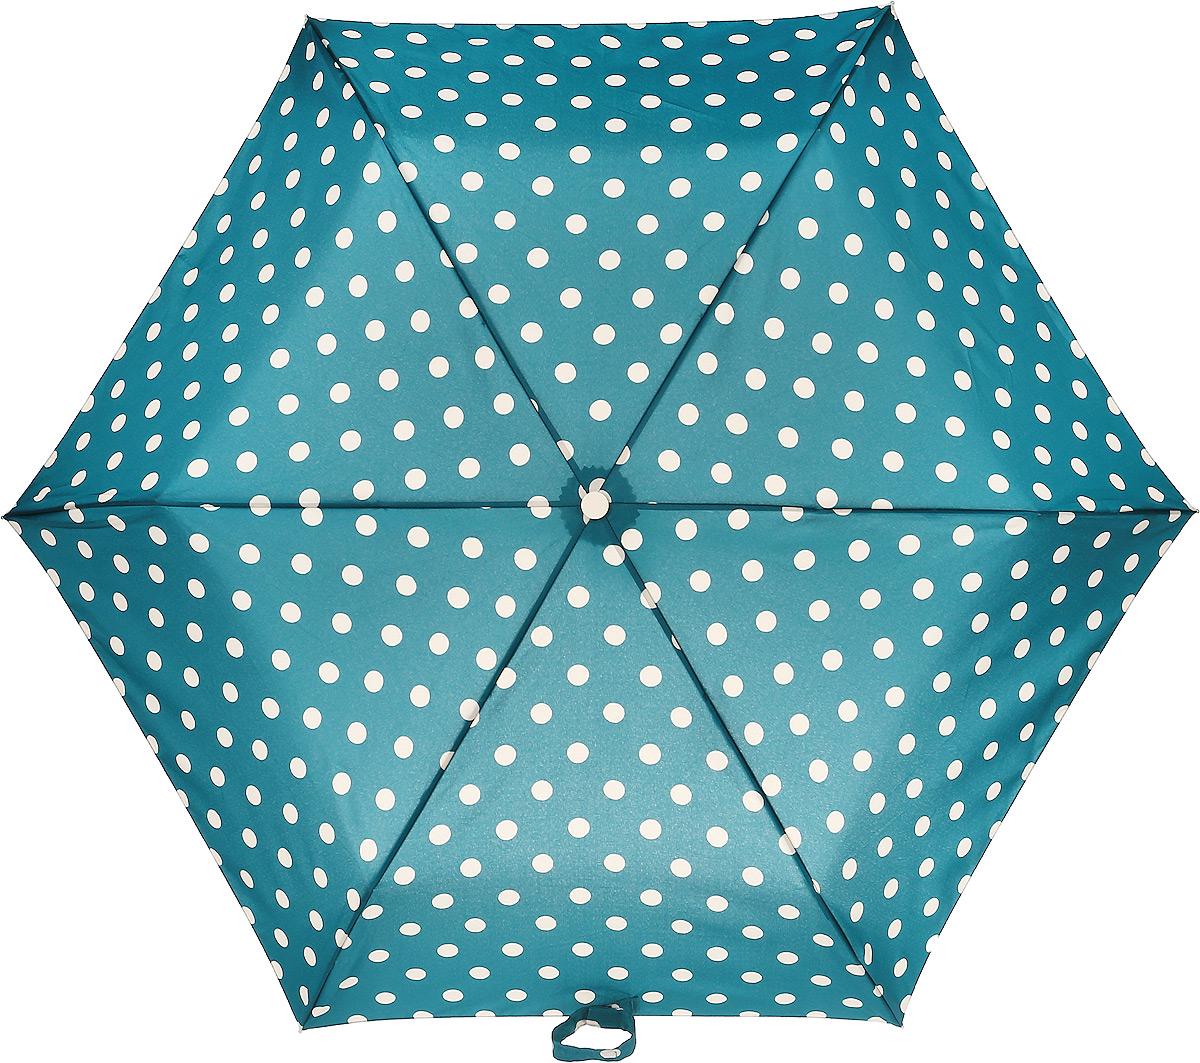 Зонт женский Fulton, механический, 3 сложения, цвет: зеленый, бежевый. L768-3234CX1516-50-10Стильный механический зонт Fulton имеет 3 сложения, даже в ненастную погоду позволит вам оставаться стильной. Легкий, но в тоже время прочный алюминиевый каркас состоит изшестиспиц с элементами из фибергласса. Купол зонта выполнен из прочного полиэстера с водоотталкивающей пропиткой. Рукоятка закругленной формы, разработанная с учетом требований эргономики, выполнена из каучука. Зонт имеет механический способ сложения: и купол, и стержень открываются и закрываются вручную до характерного щелчка.